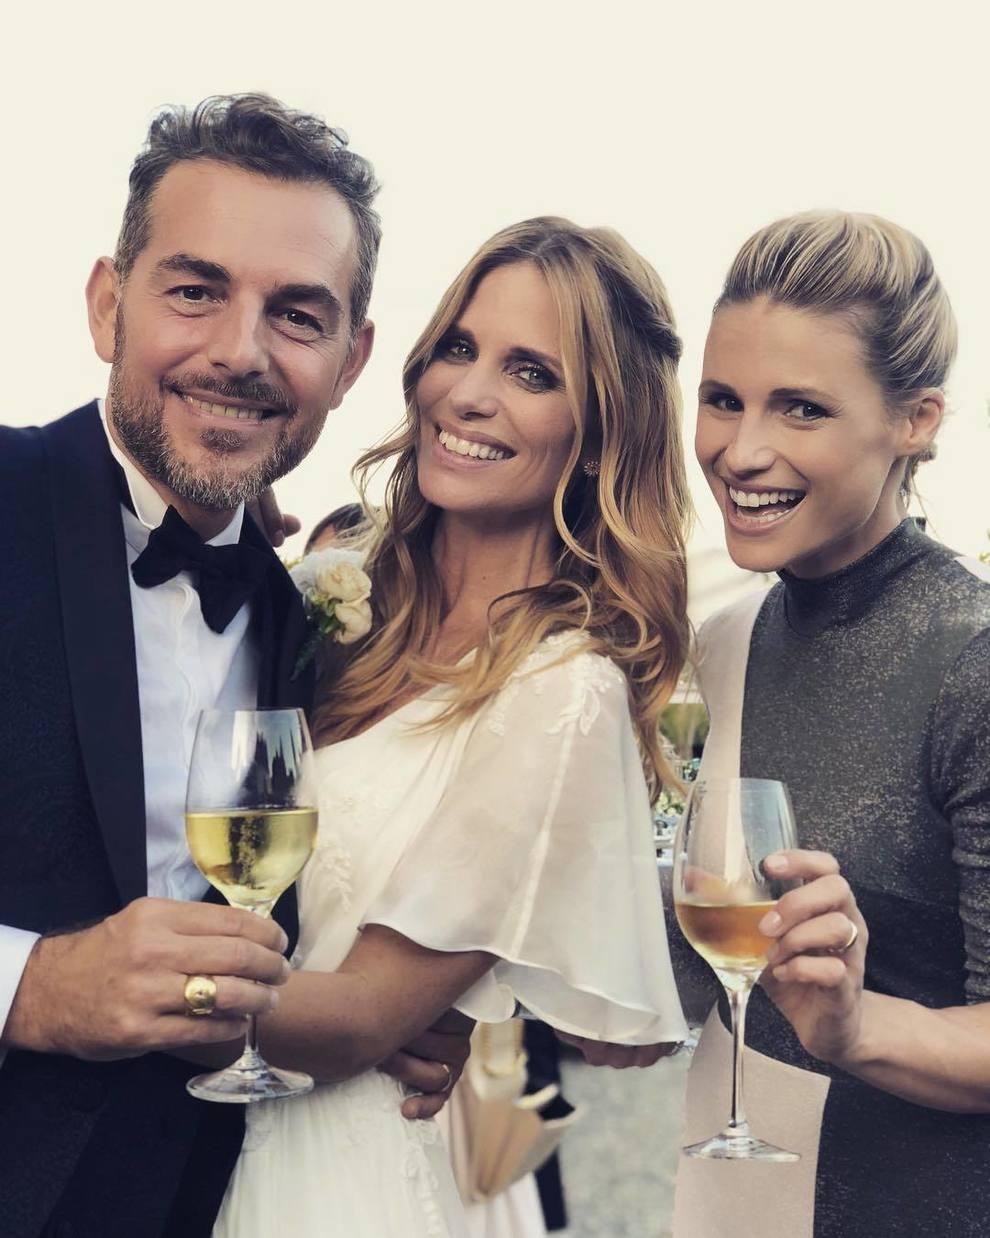 Matrimonio Filippa Lagerback : Michelle hunziker la commovente dedica agli sposi daniele